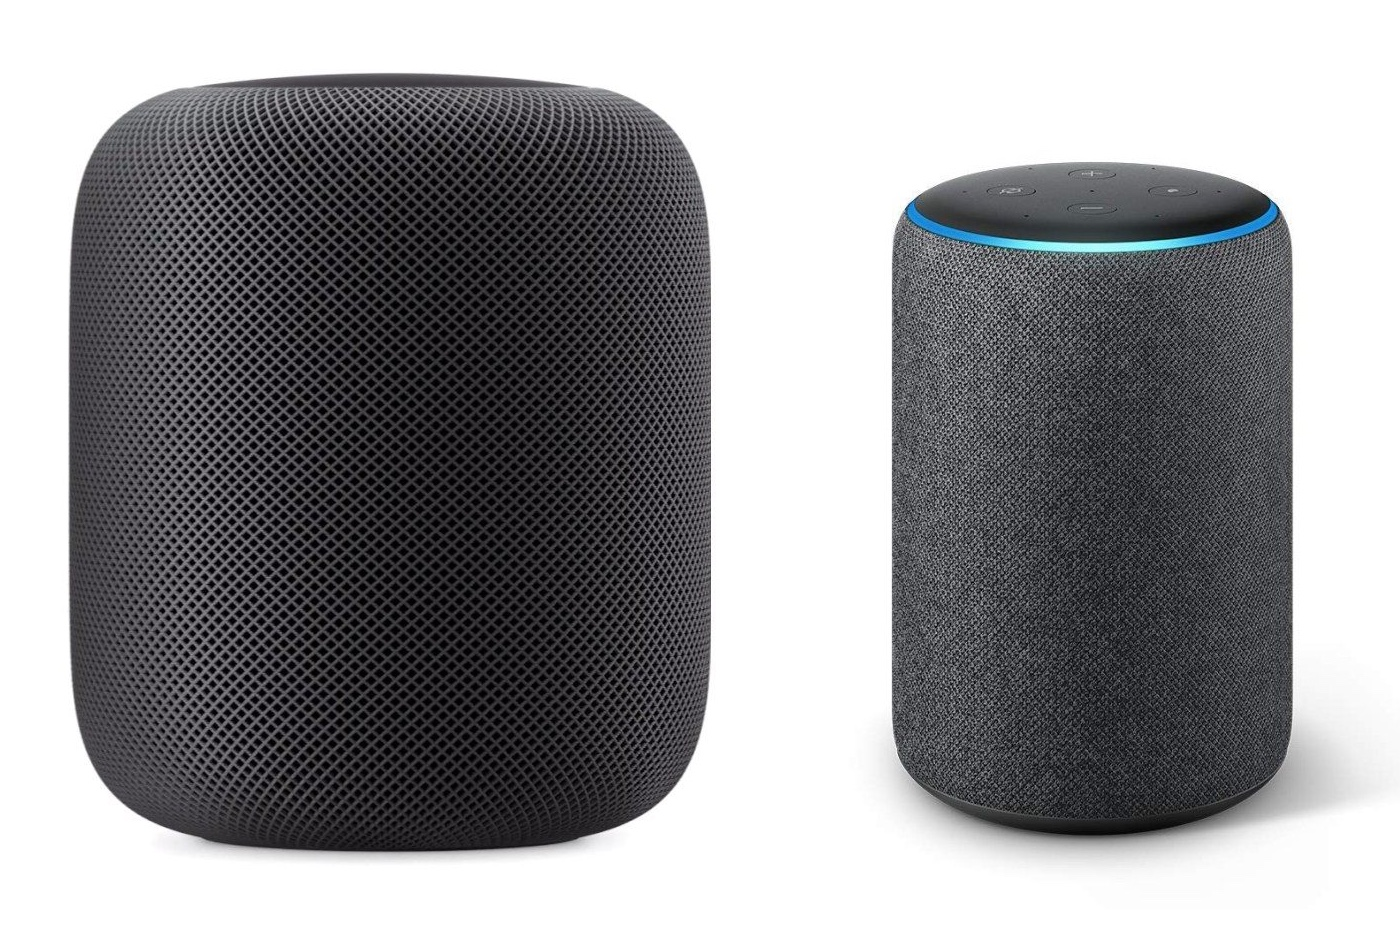 Amazon prépare une nouvelle enceinte connectée pour audiophiles 1